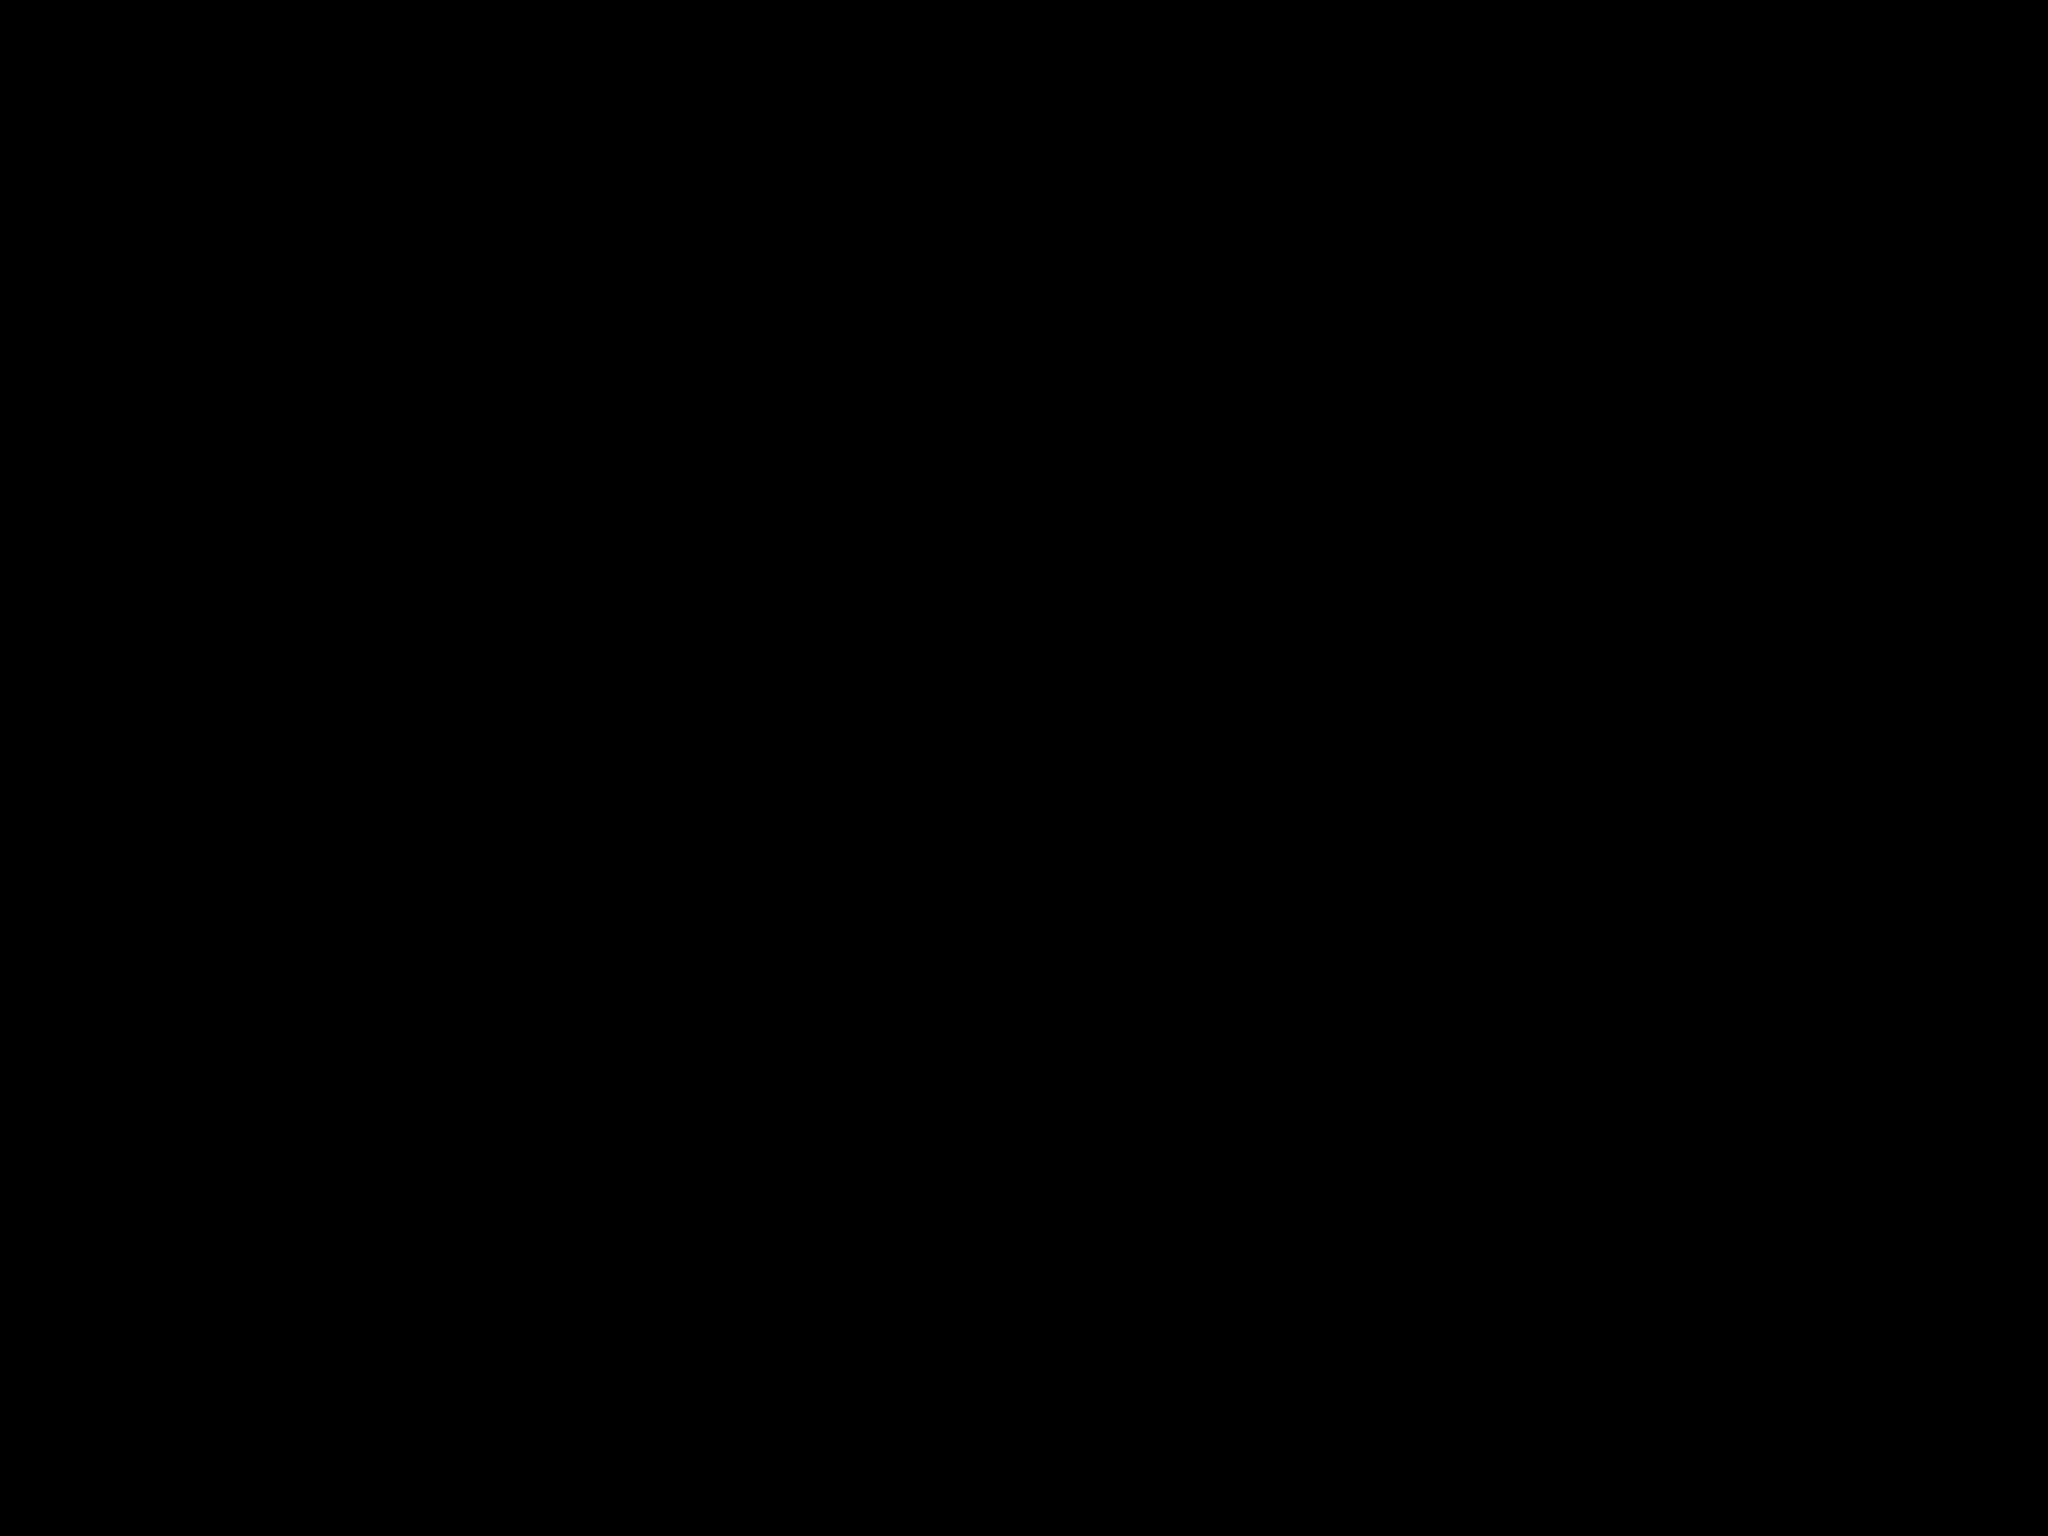 15 mei: inloopspreekuur in de Kuiperij weer van start